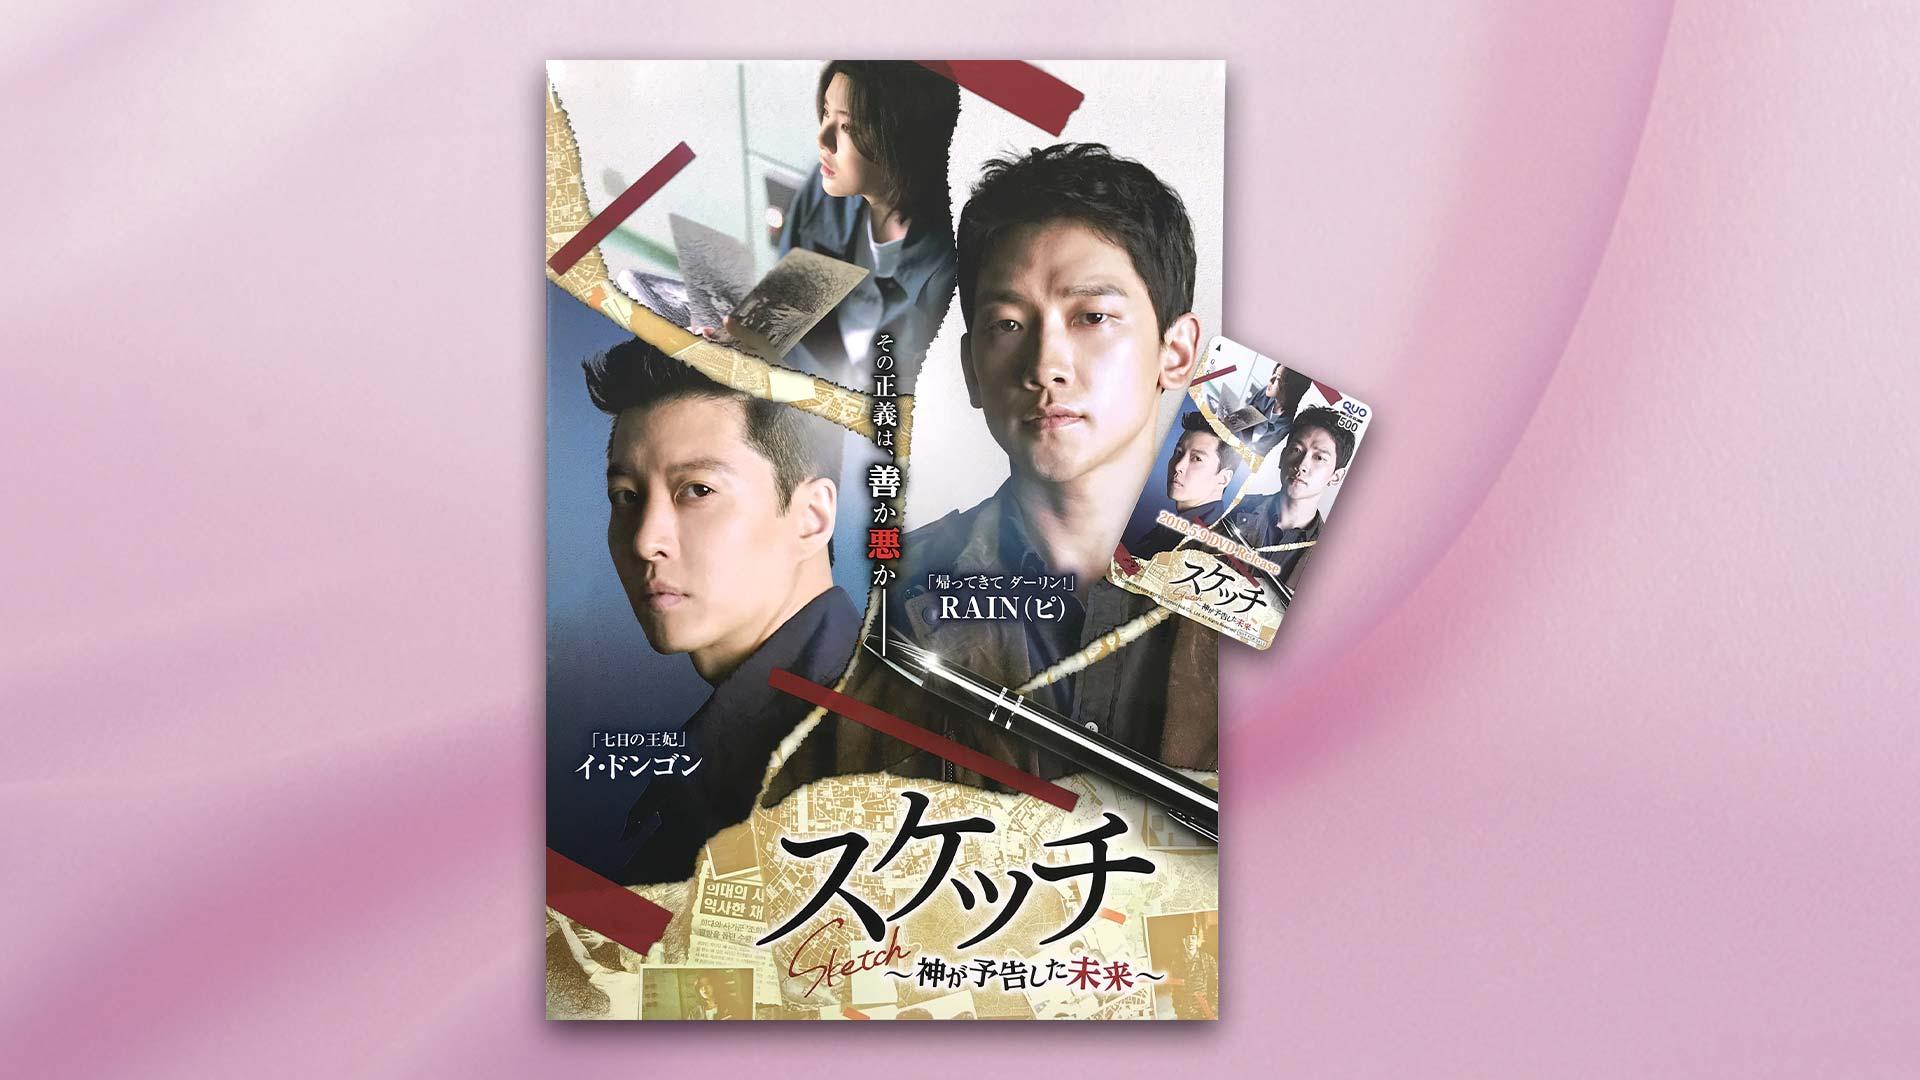 「スケッチ~神が予告した未来~」日本版プレスシート&QUOカード セット